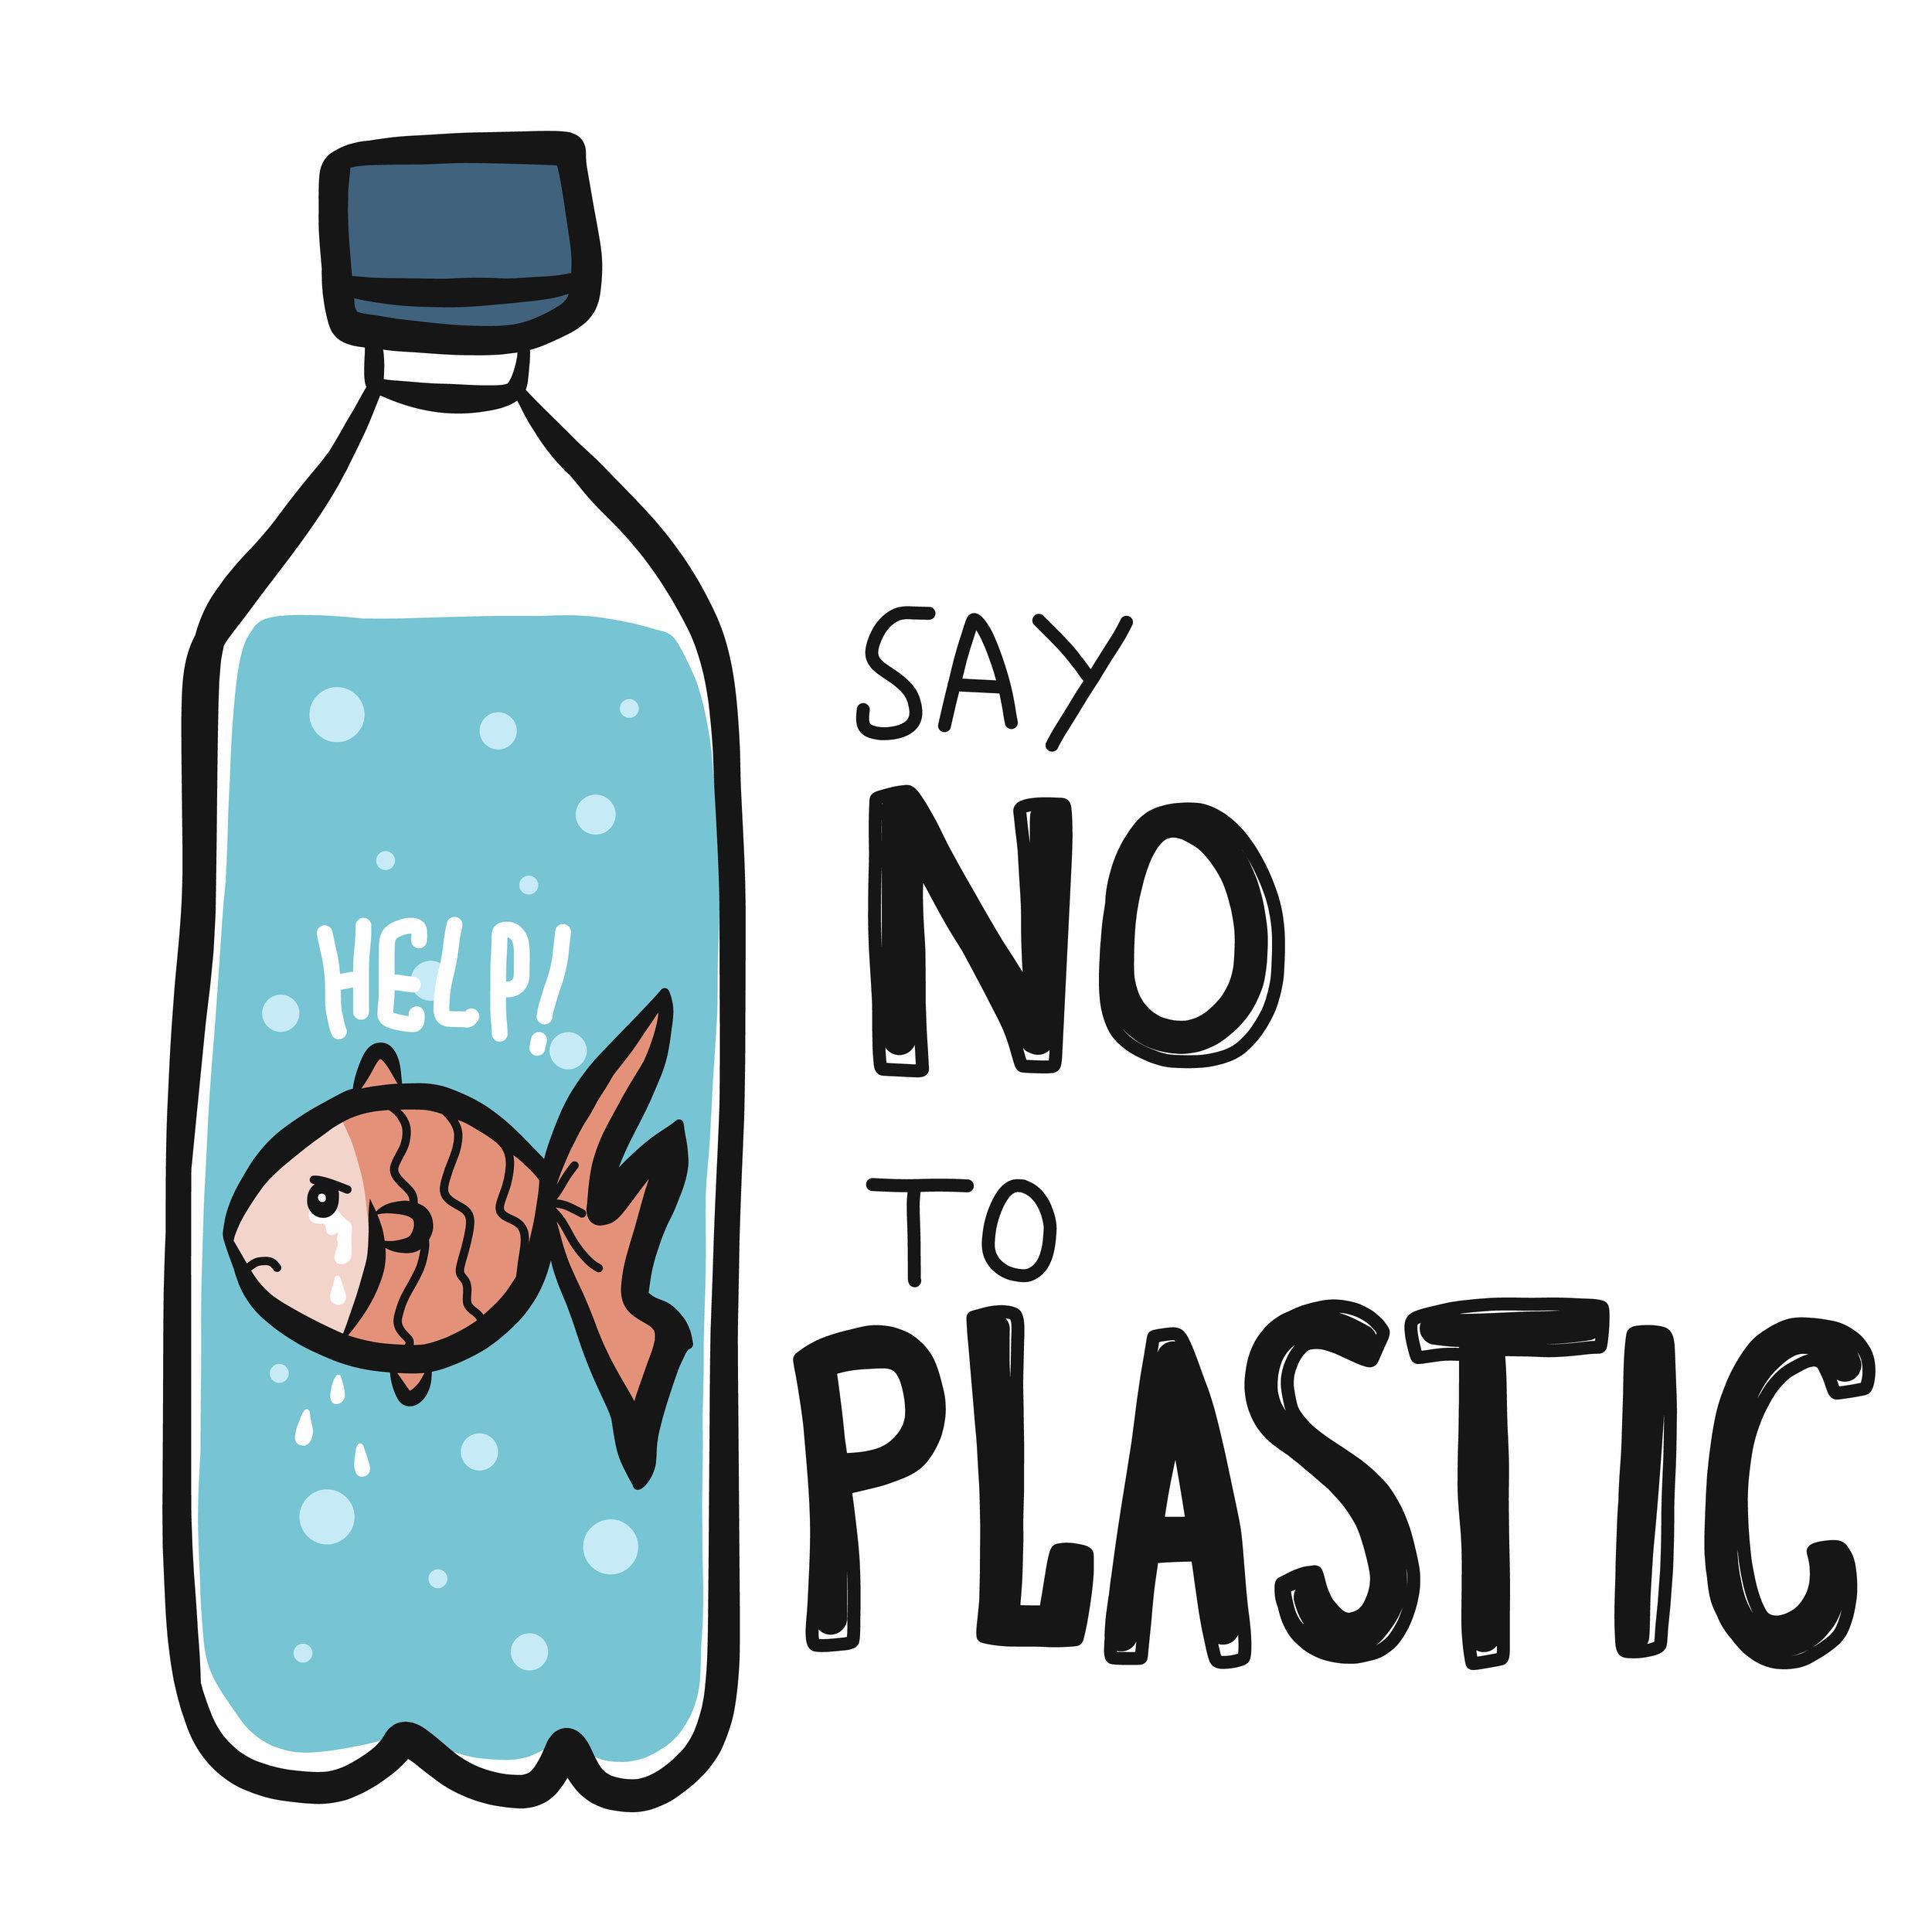 494 billion plastic bottle made per year - 1.35 billion bottles per day